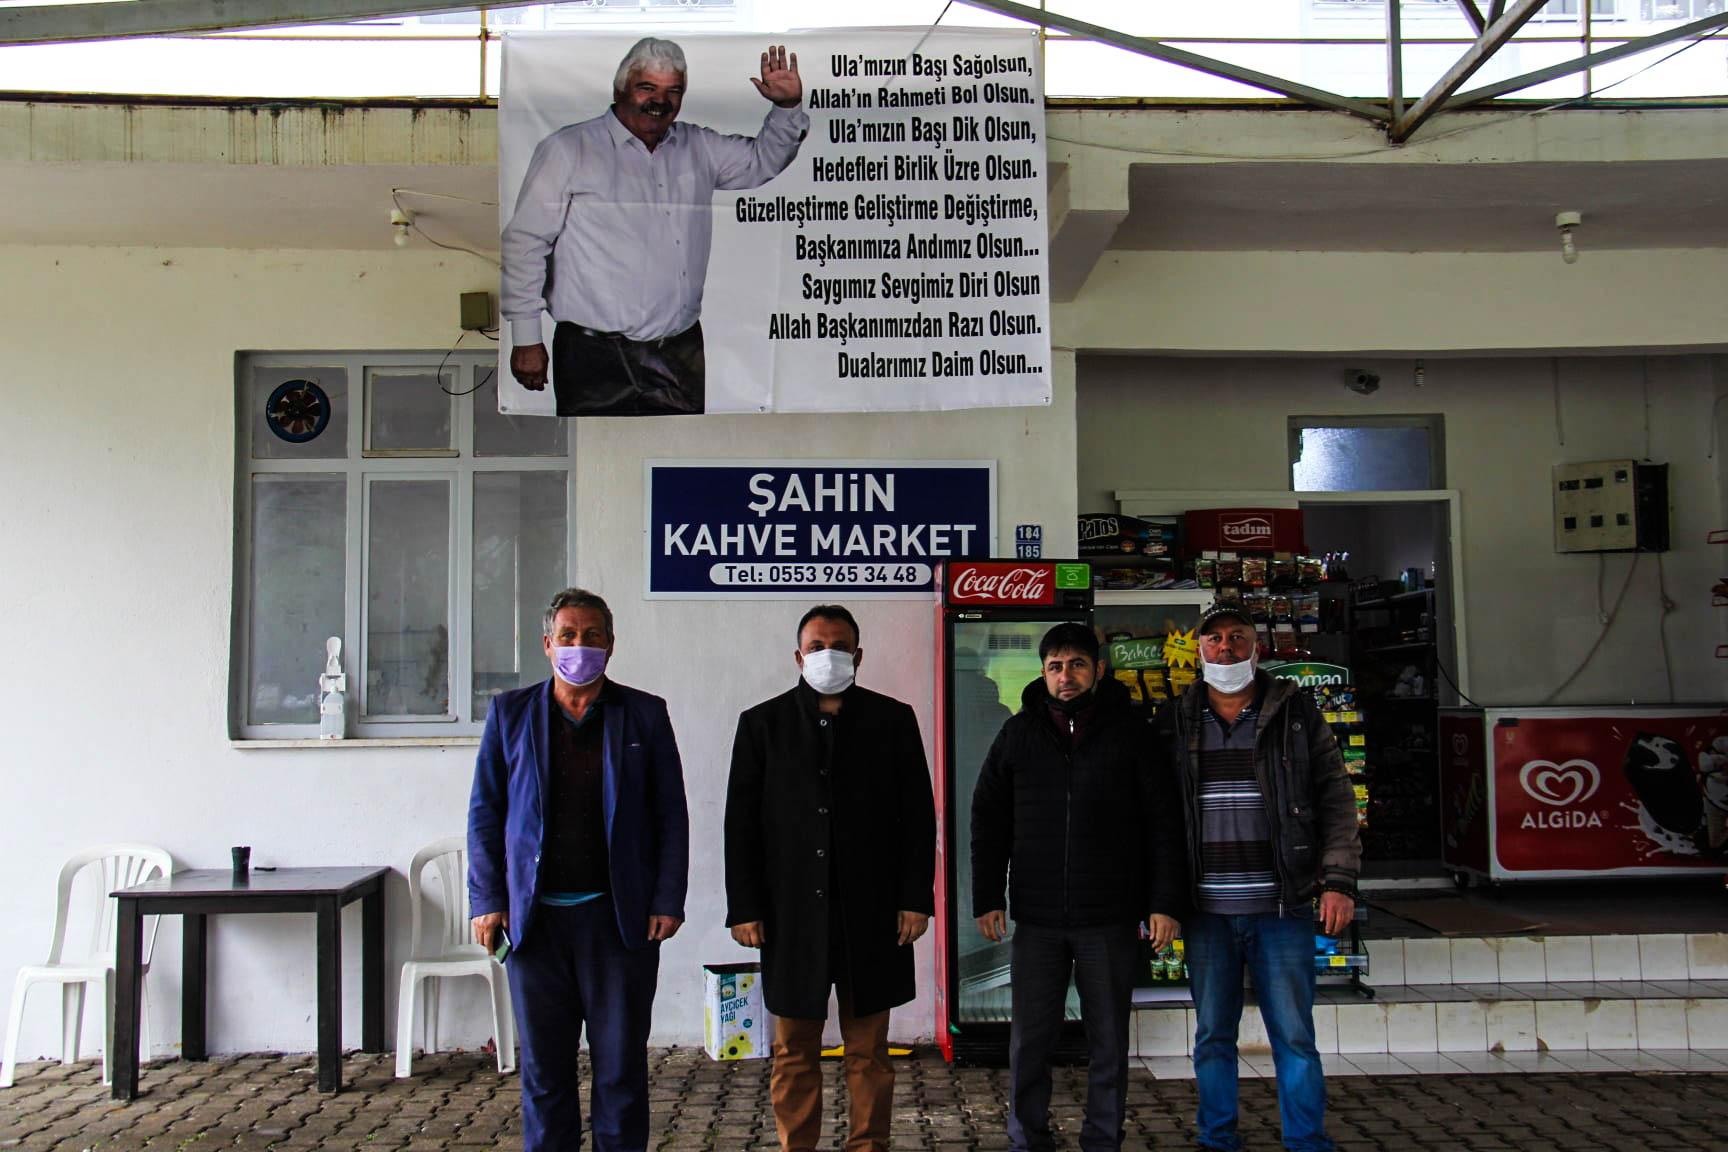 Belediye Başkanımız Sn. Mimar Özay Türkler Yeşilçam ve Yaylasöğüt Mahallelerimizde Muhtarlarımızla Birlikte İncelemelerde Bulundu